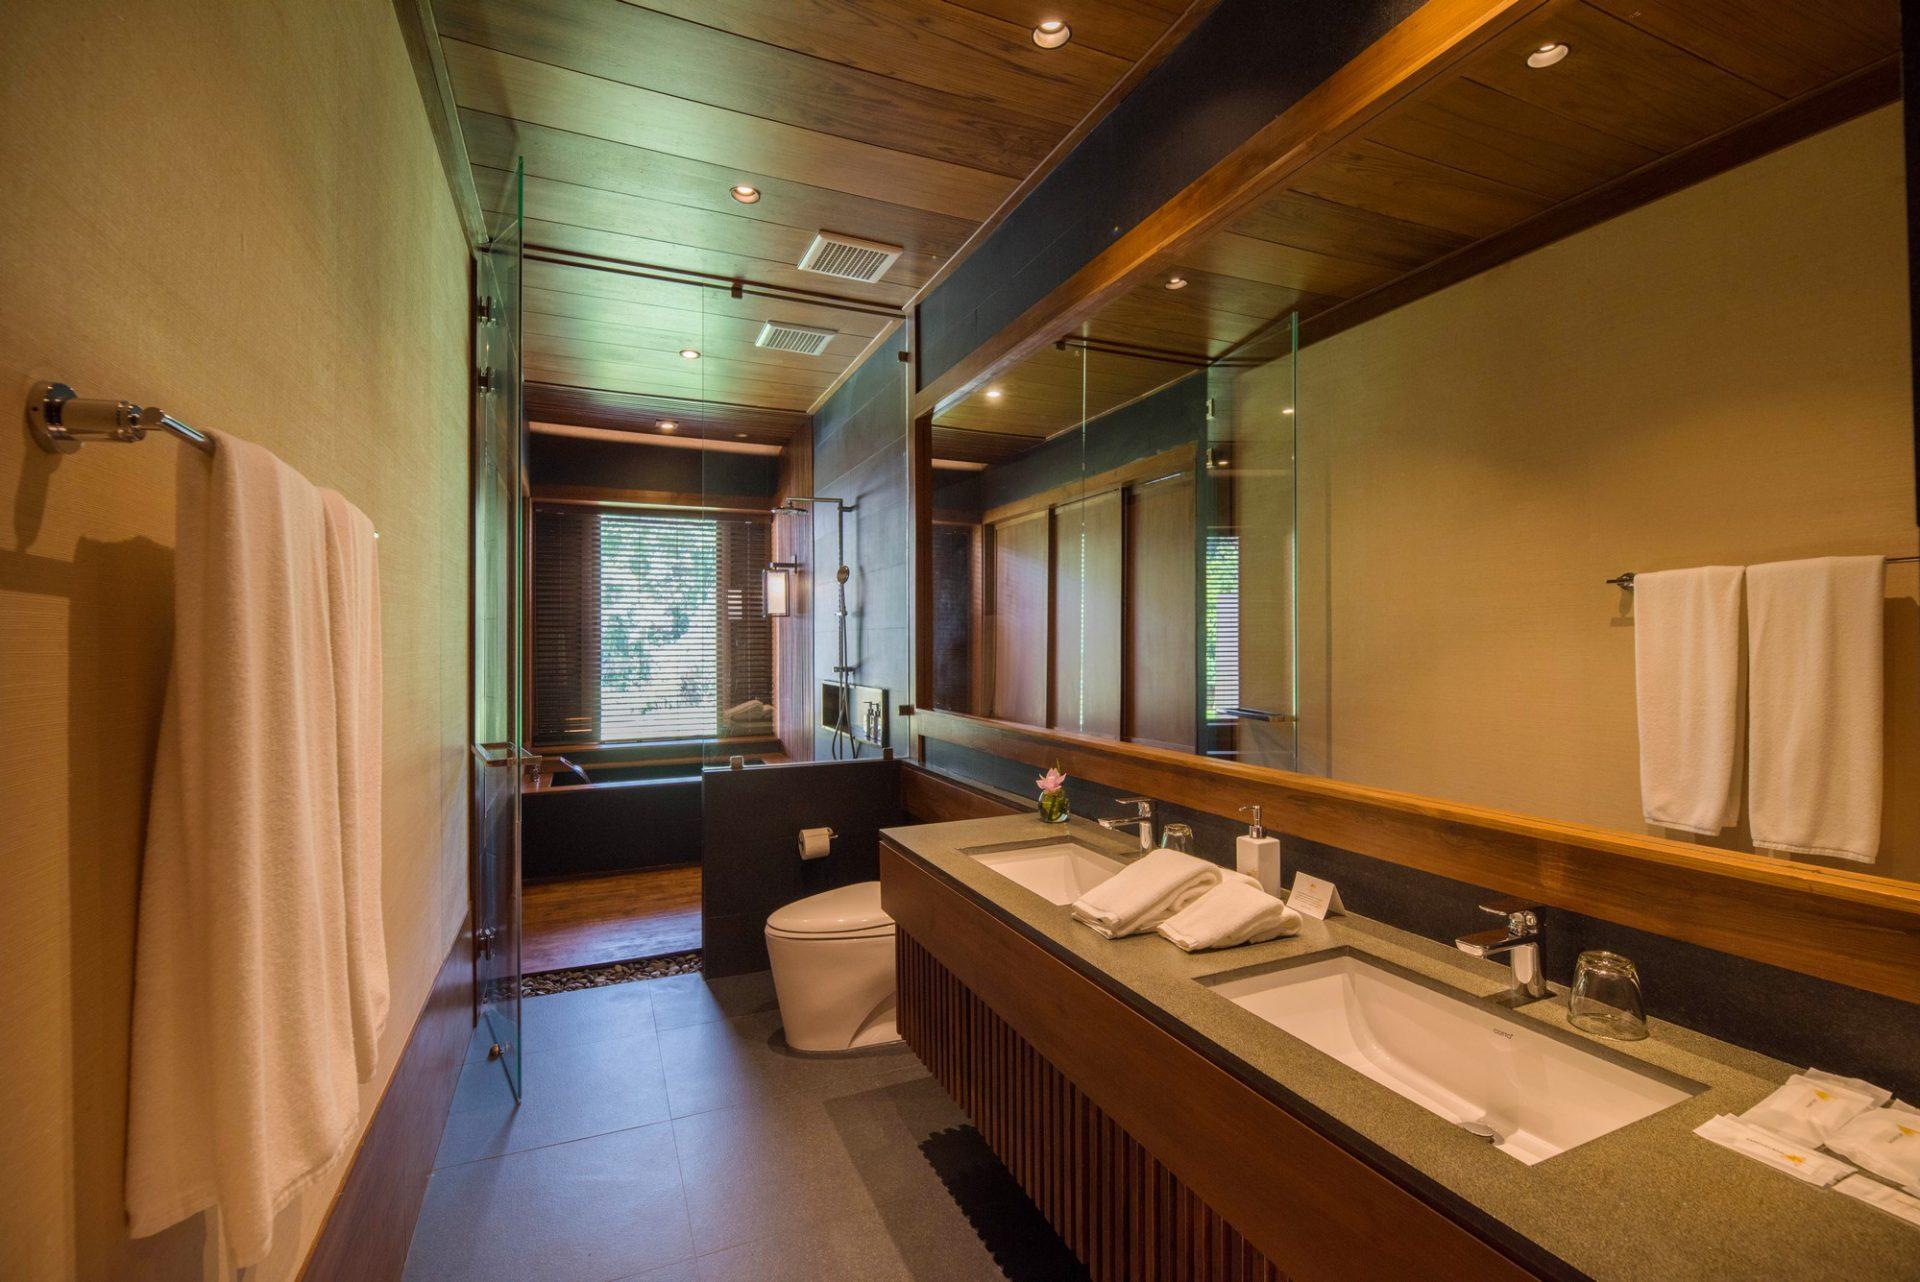 4-Bedroom Emperor Suite